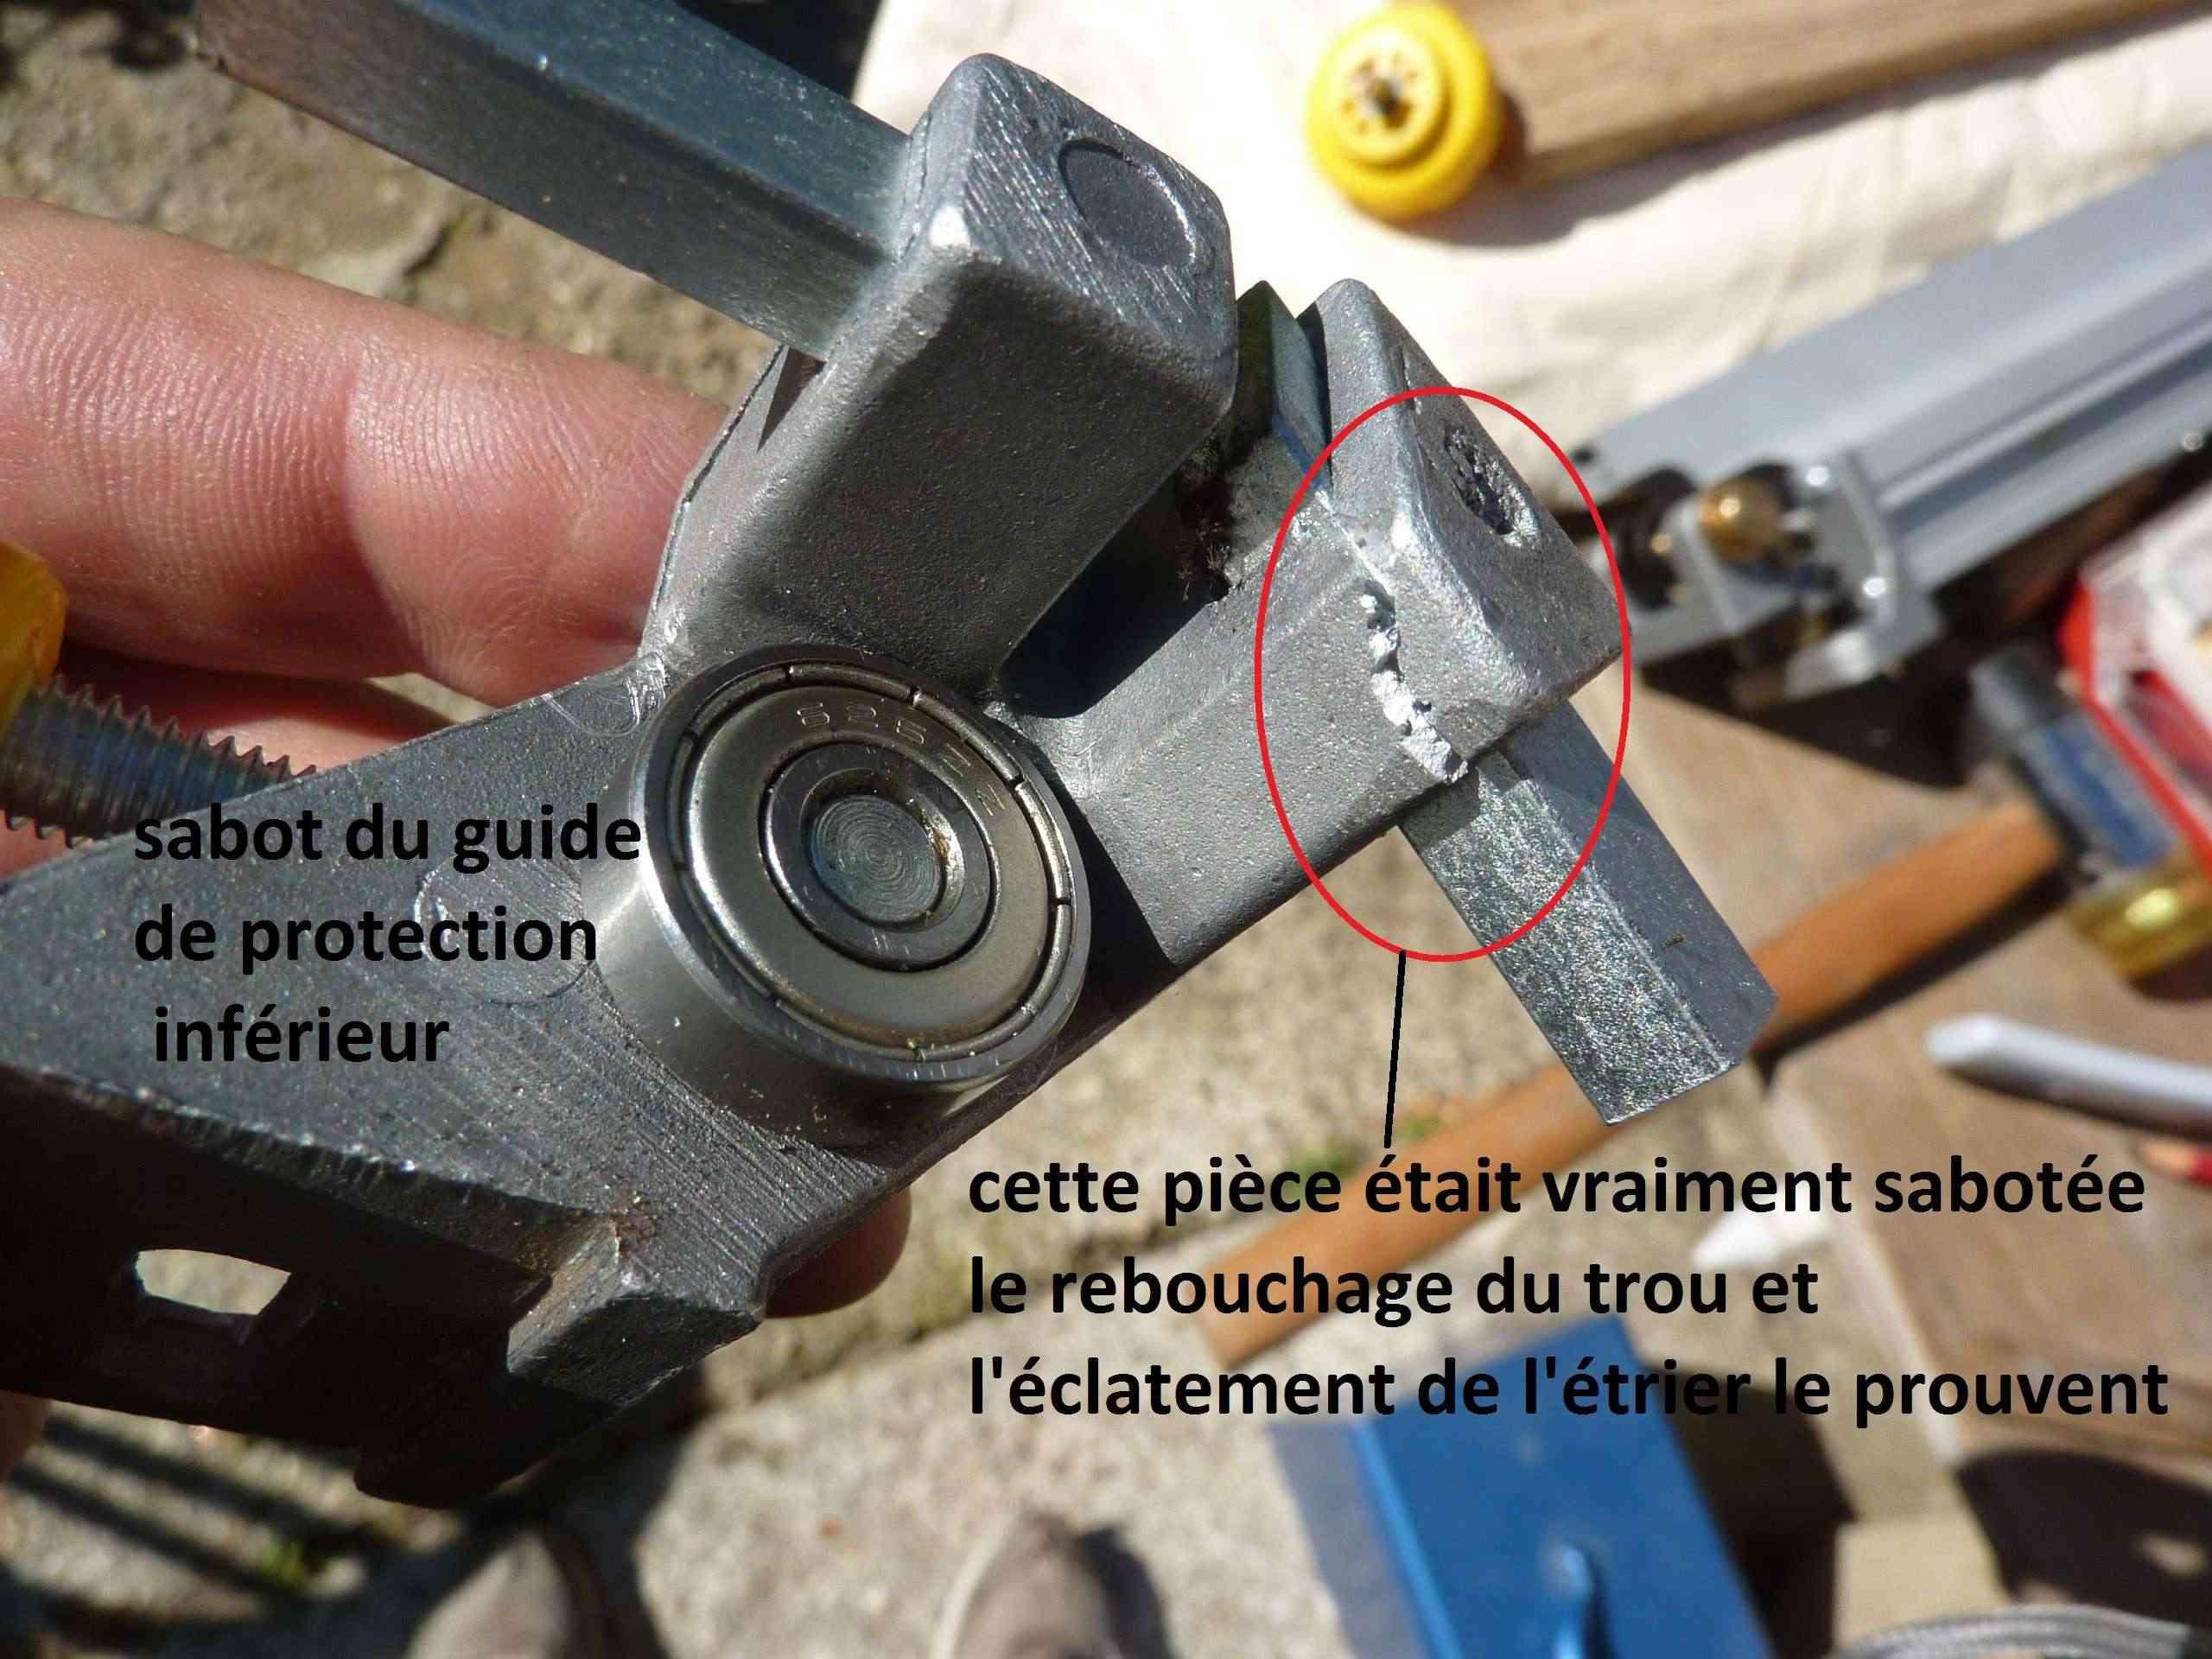 MA présentation de la scie à ruban Peugeot Energy band 160 à 279€ 5_guid10